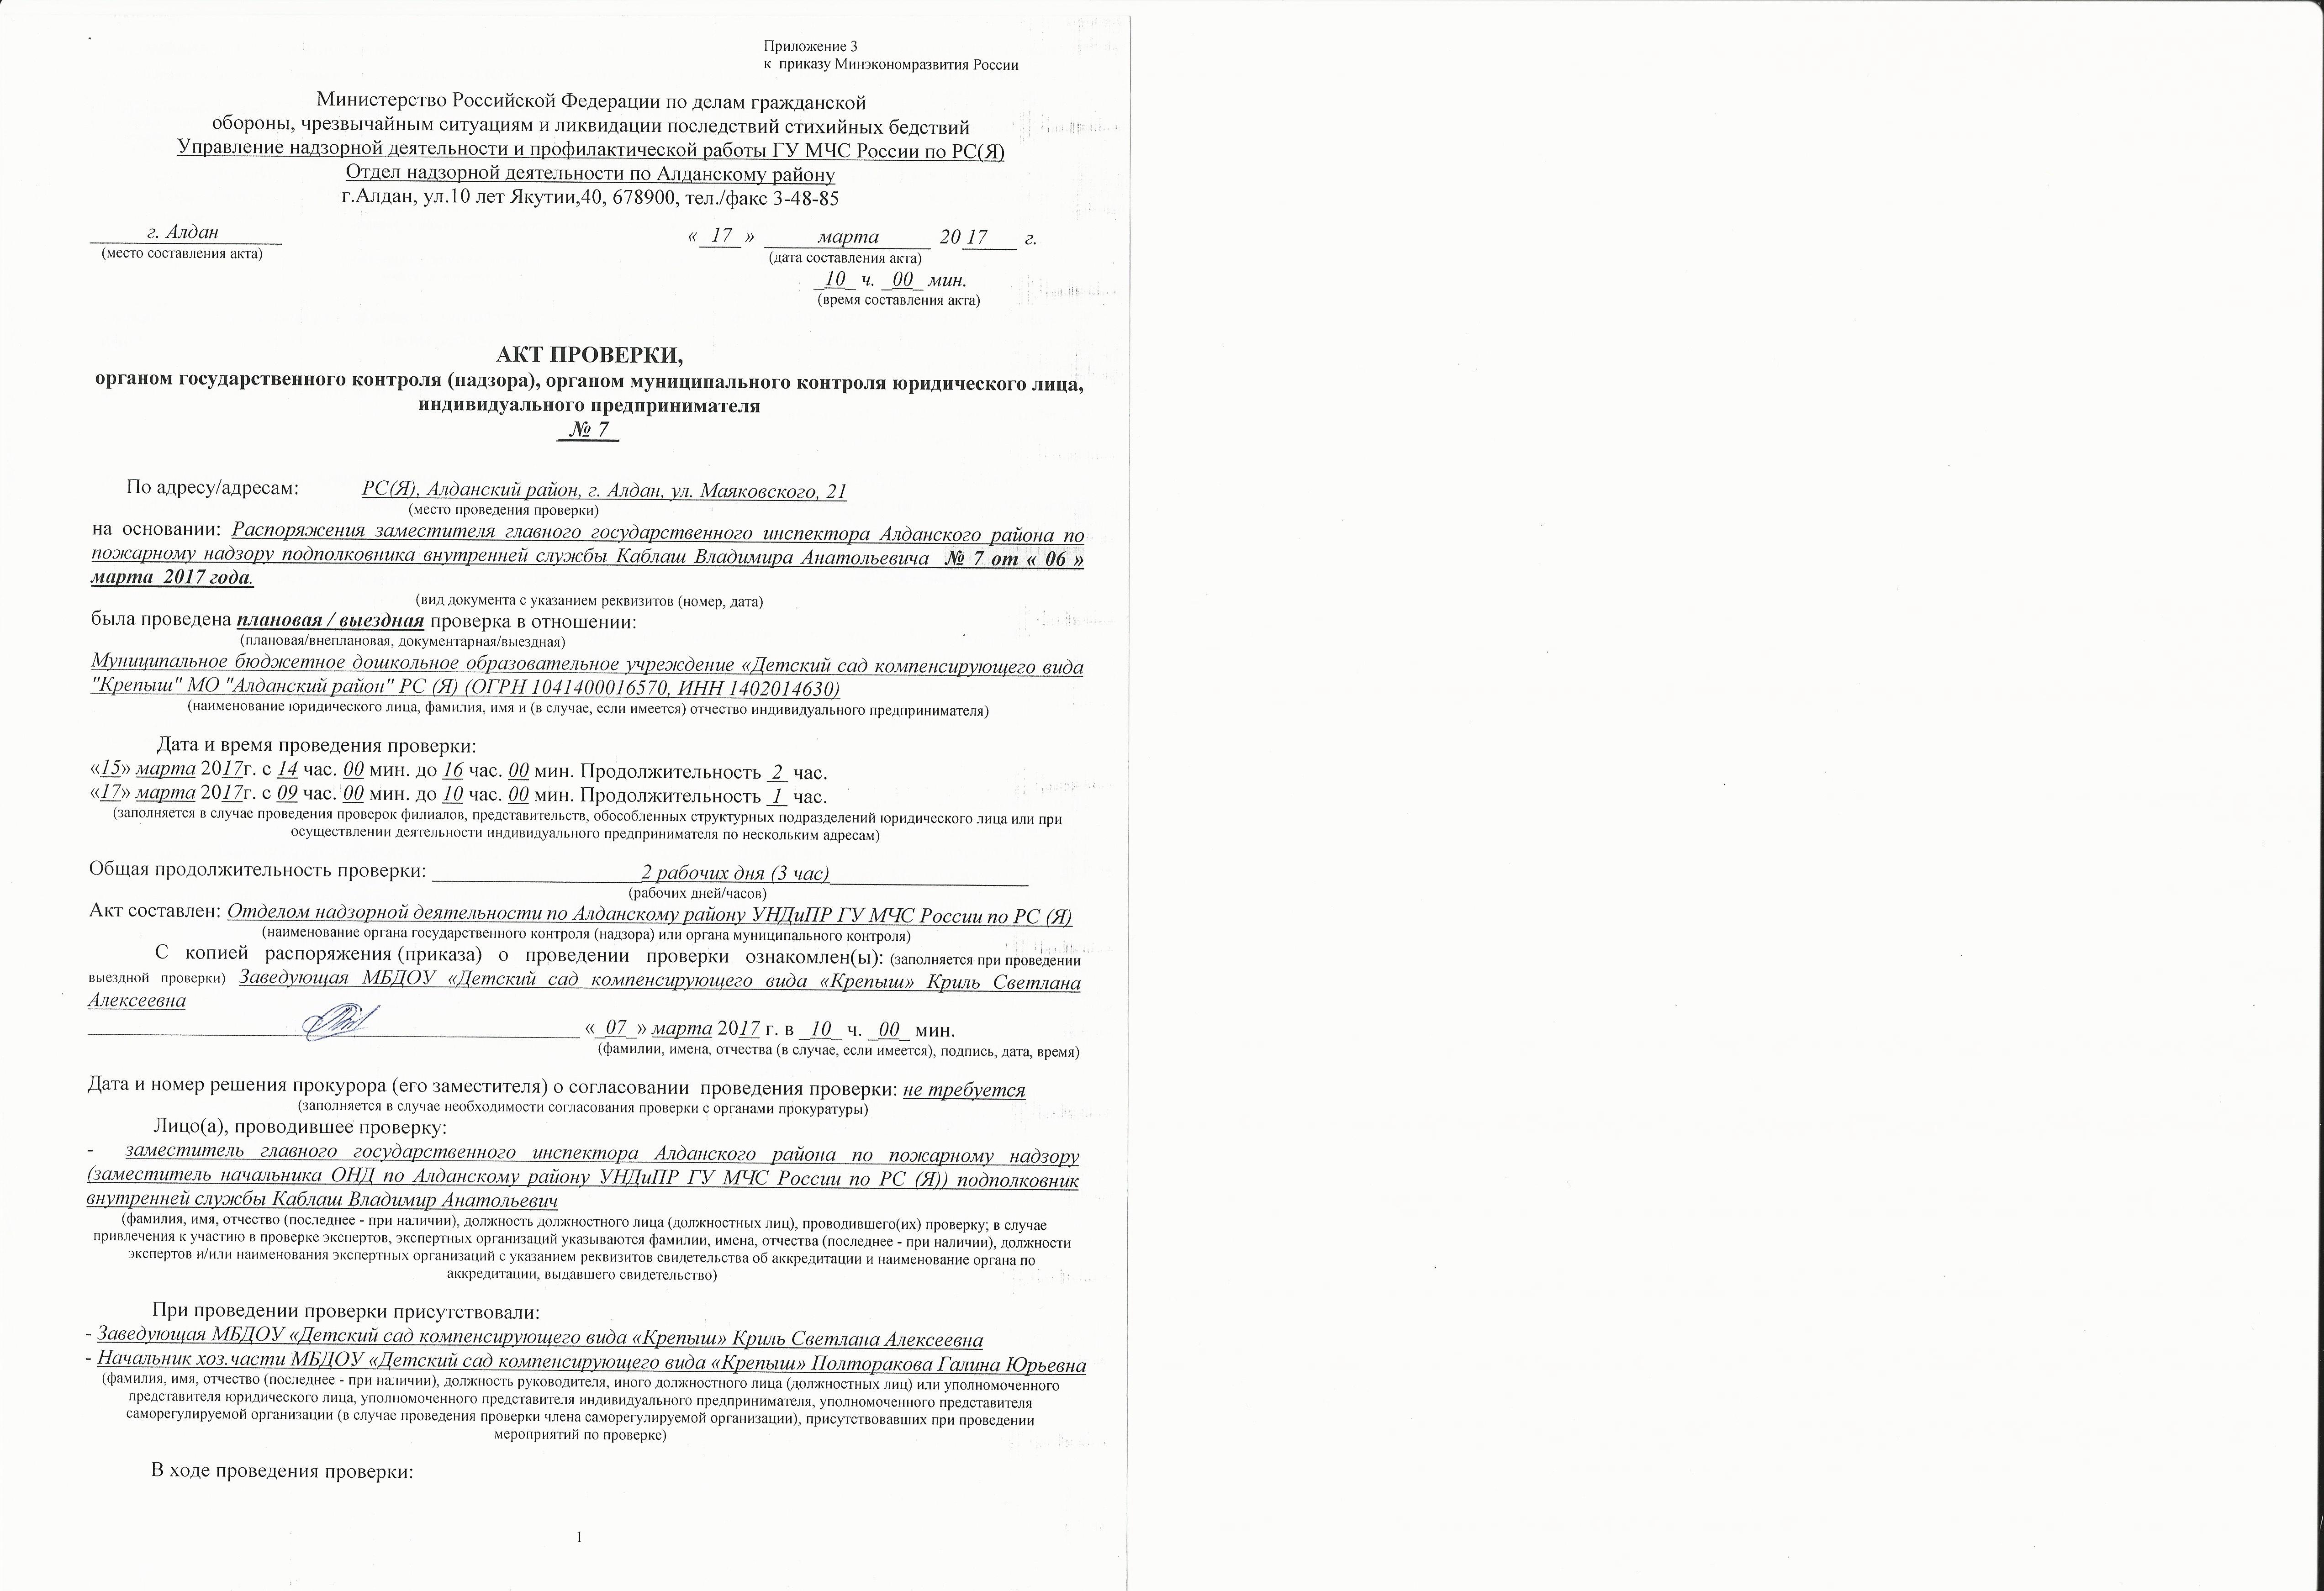 Акт проверки 0007